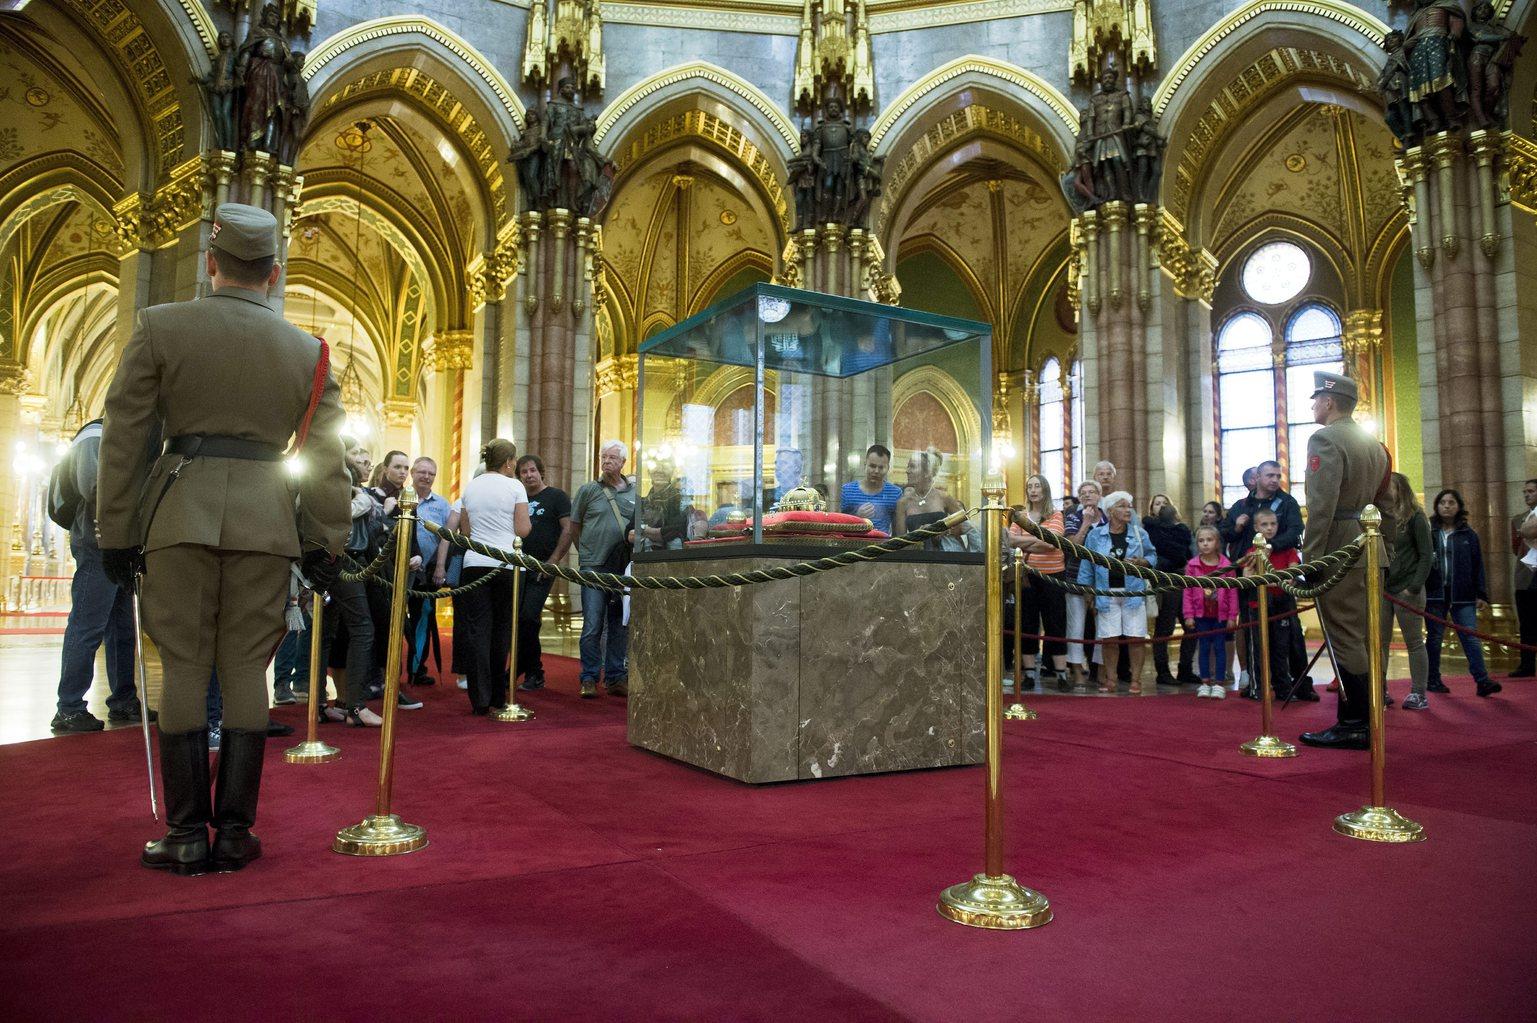 Látogatok nézik a Szent Koronát az Országházban az augusztus 20-i nemzeti ünnepen tartott nyílt napon 2015. augusztus 20-án. MTI Fotó: Koszticsák Szilárd